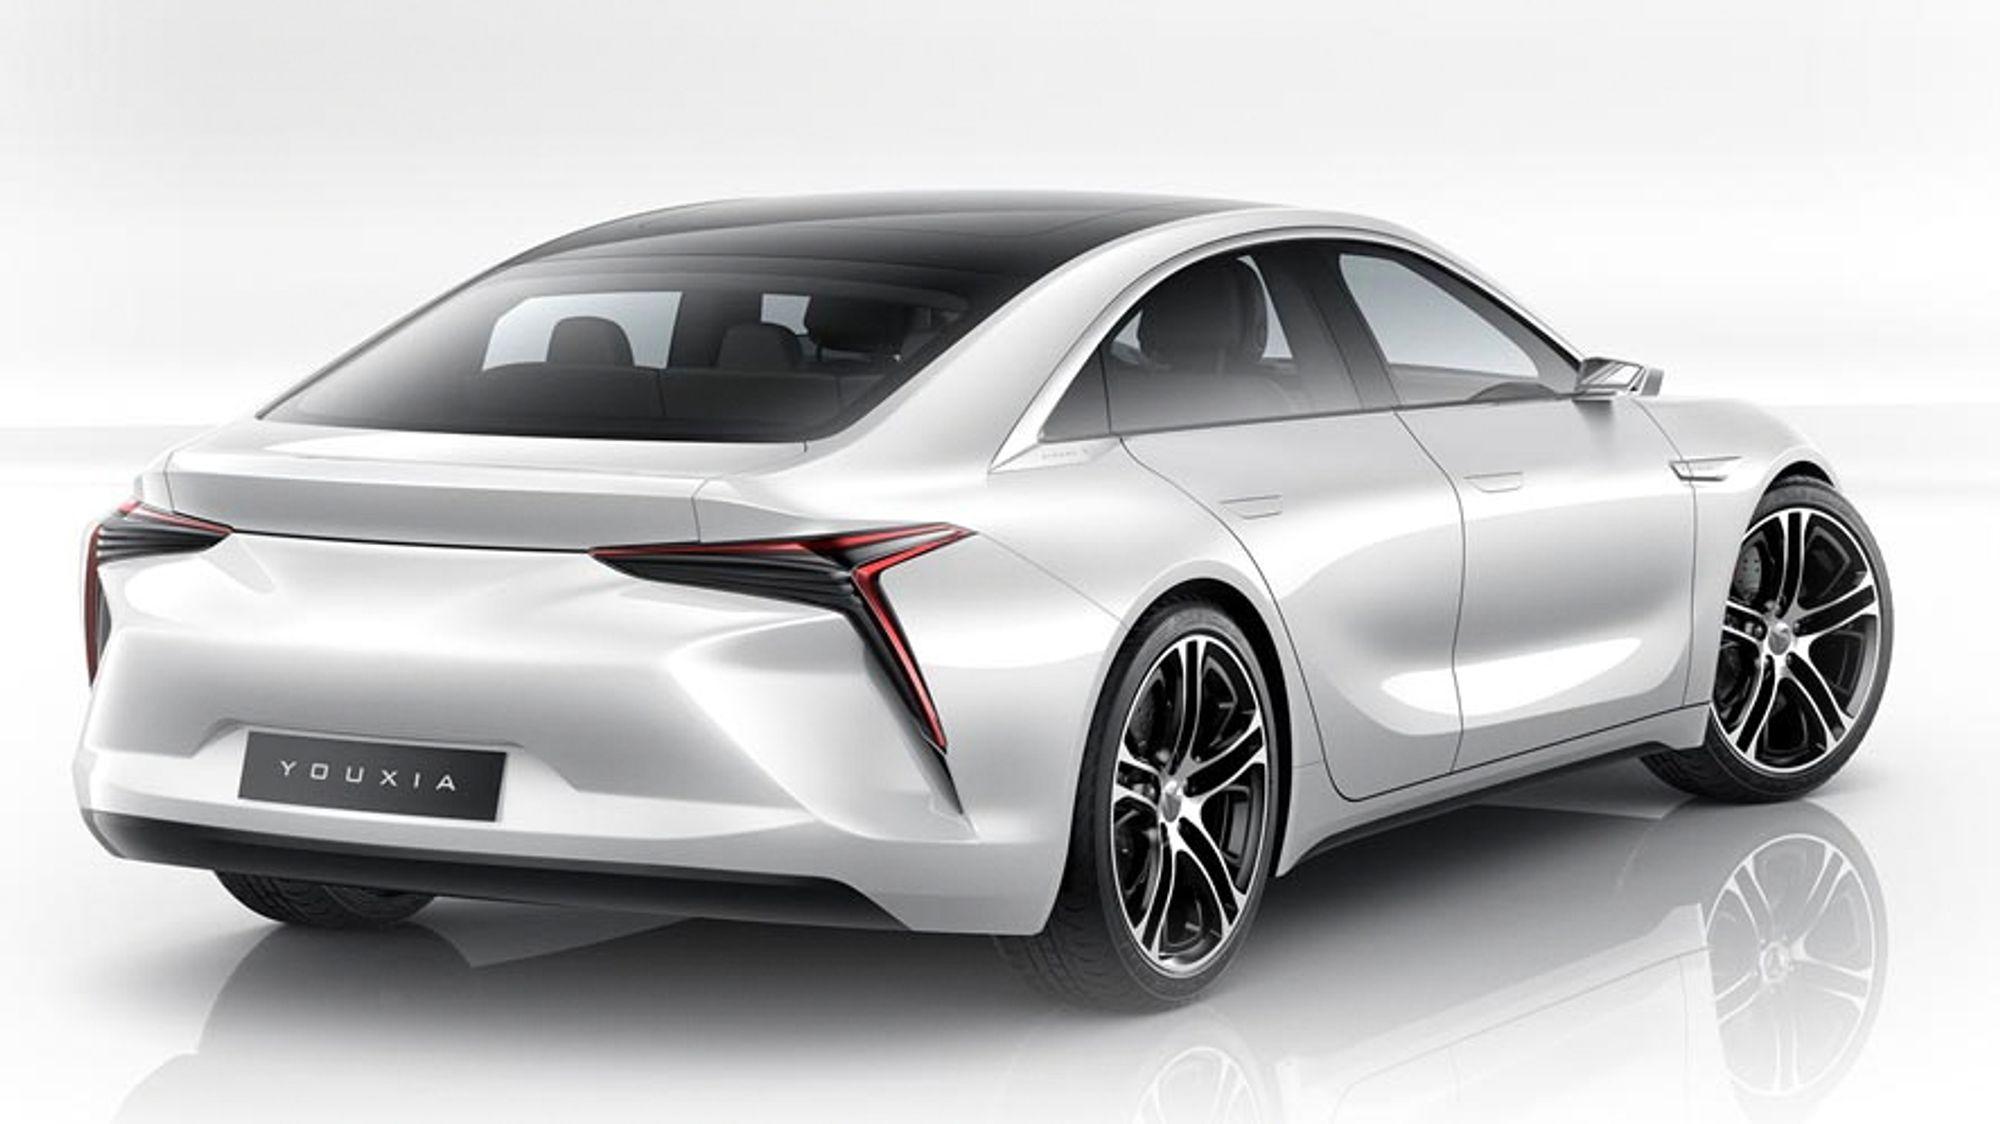 Kun detaljer skiller Youxia X og en Tesla model S.